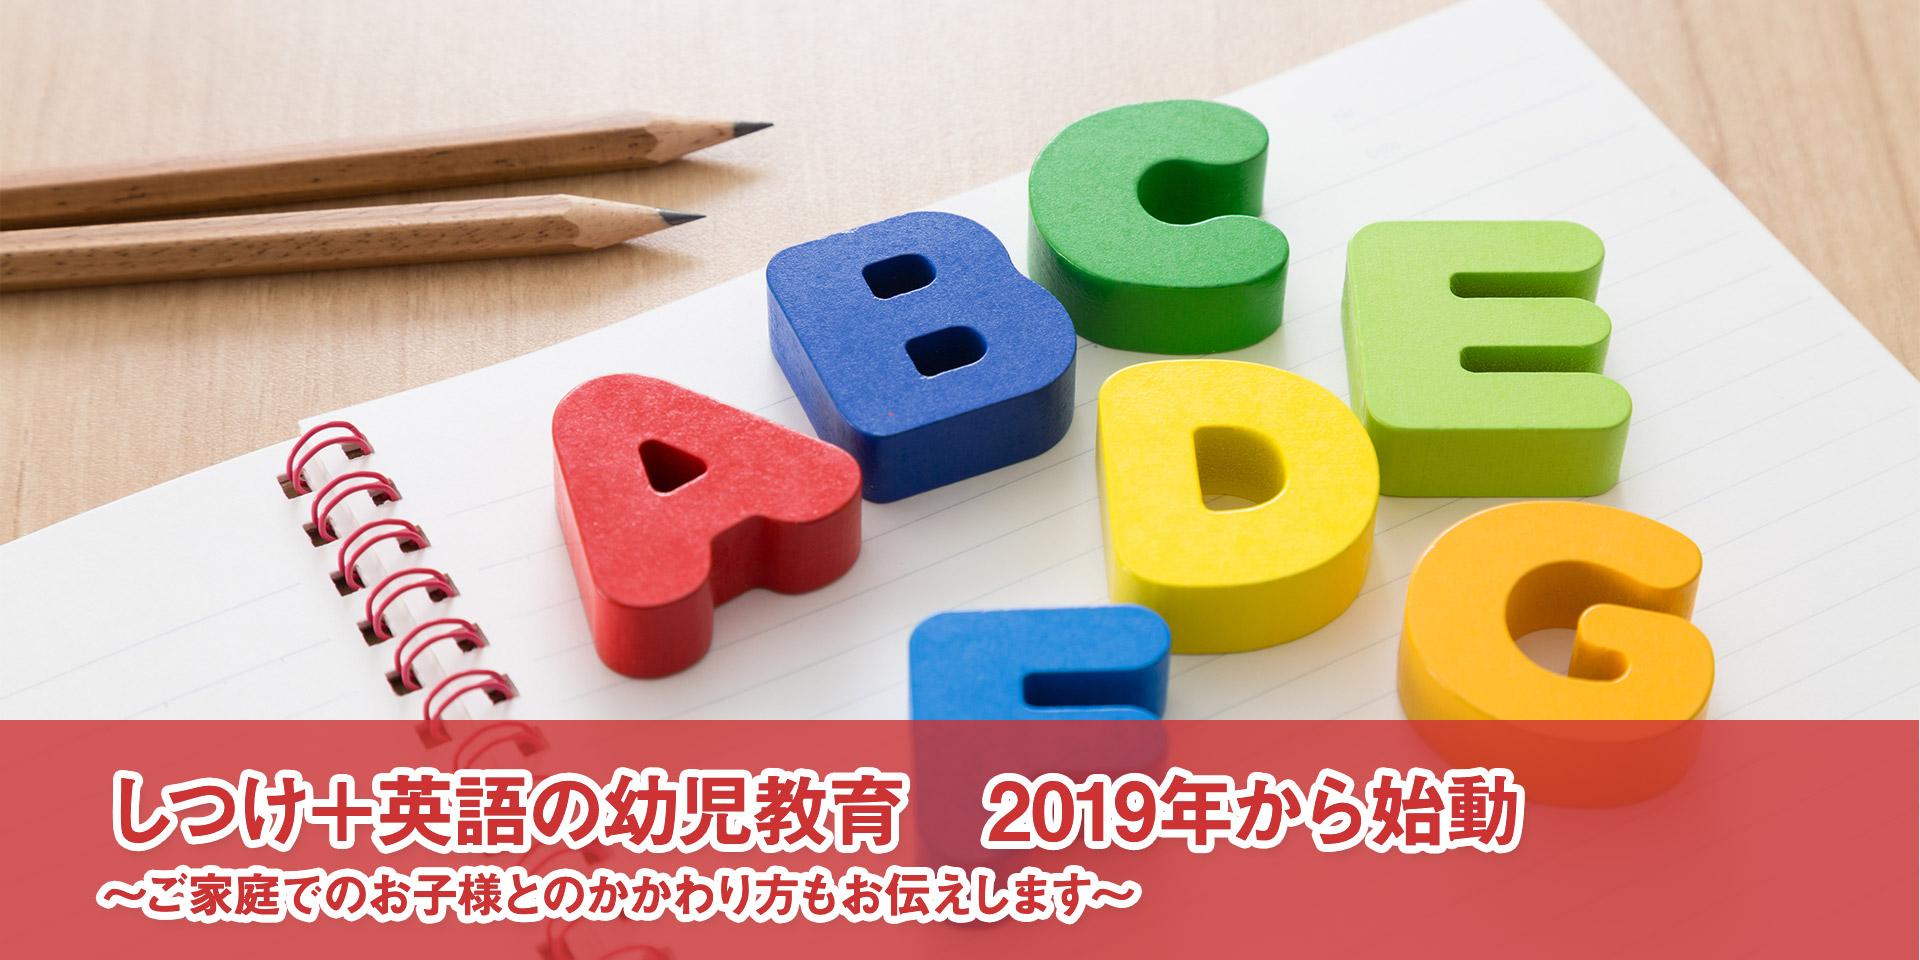 幼児教育コース、2019年春開講予定